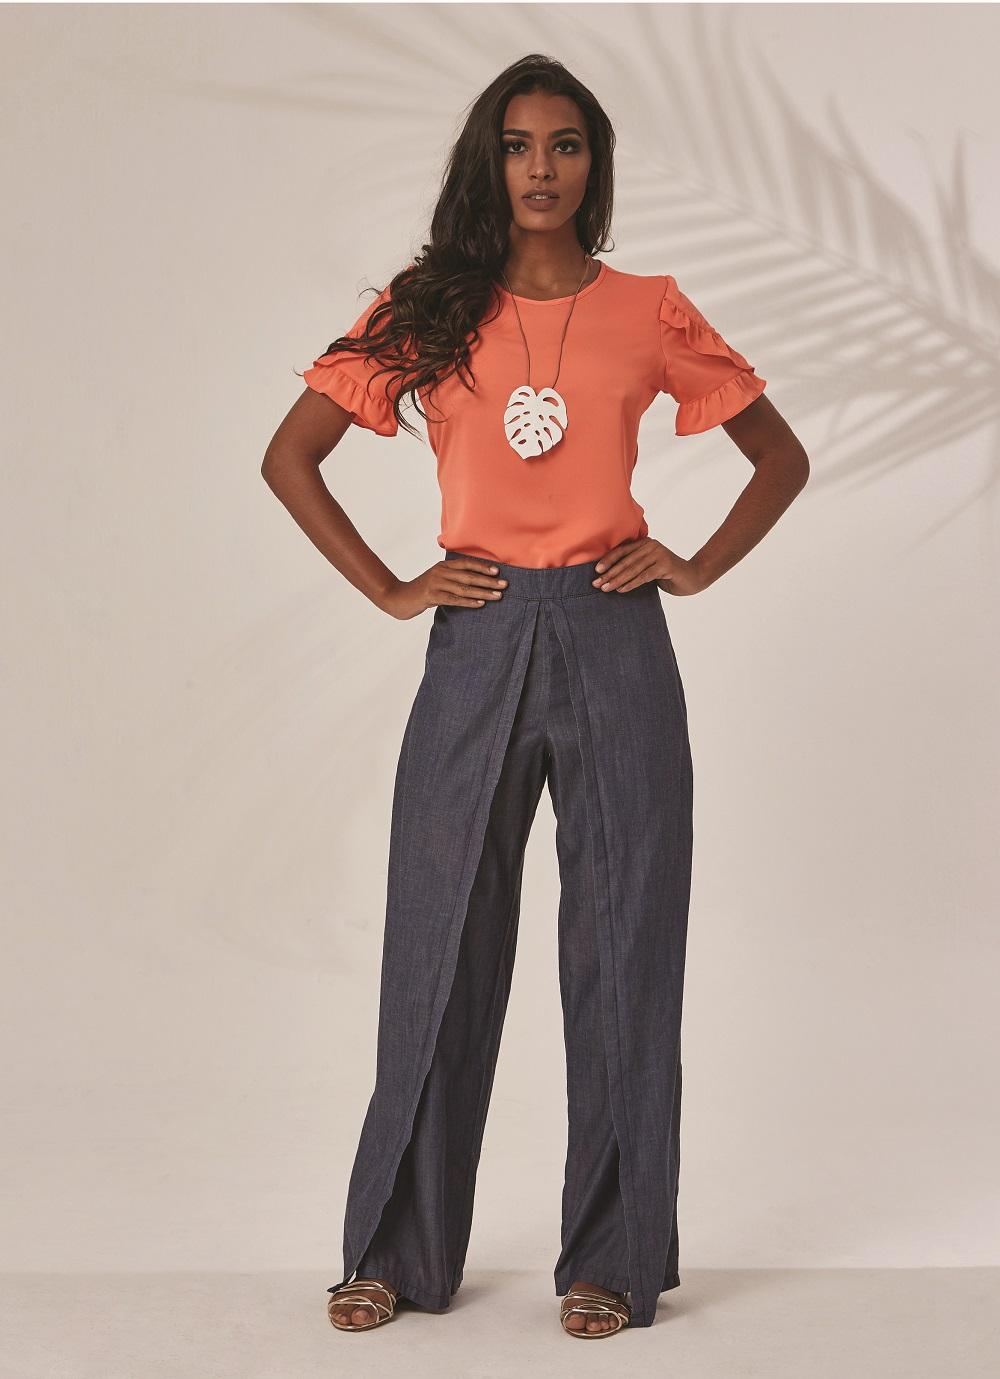 A coleção traz modelo de pantalona moderna e descontraída